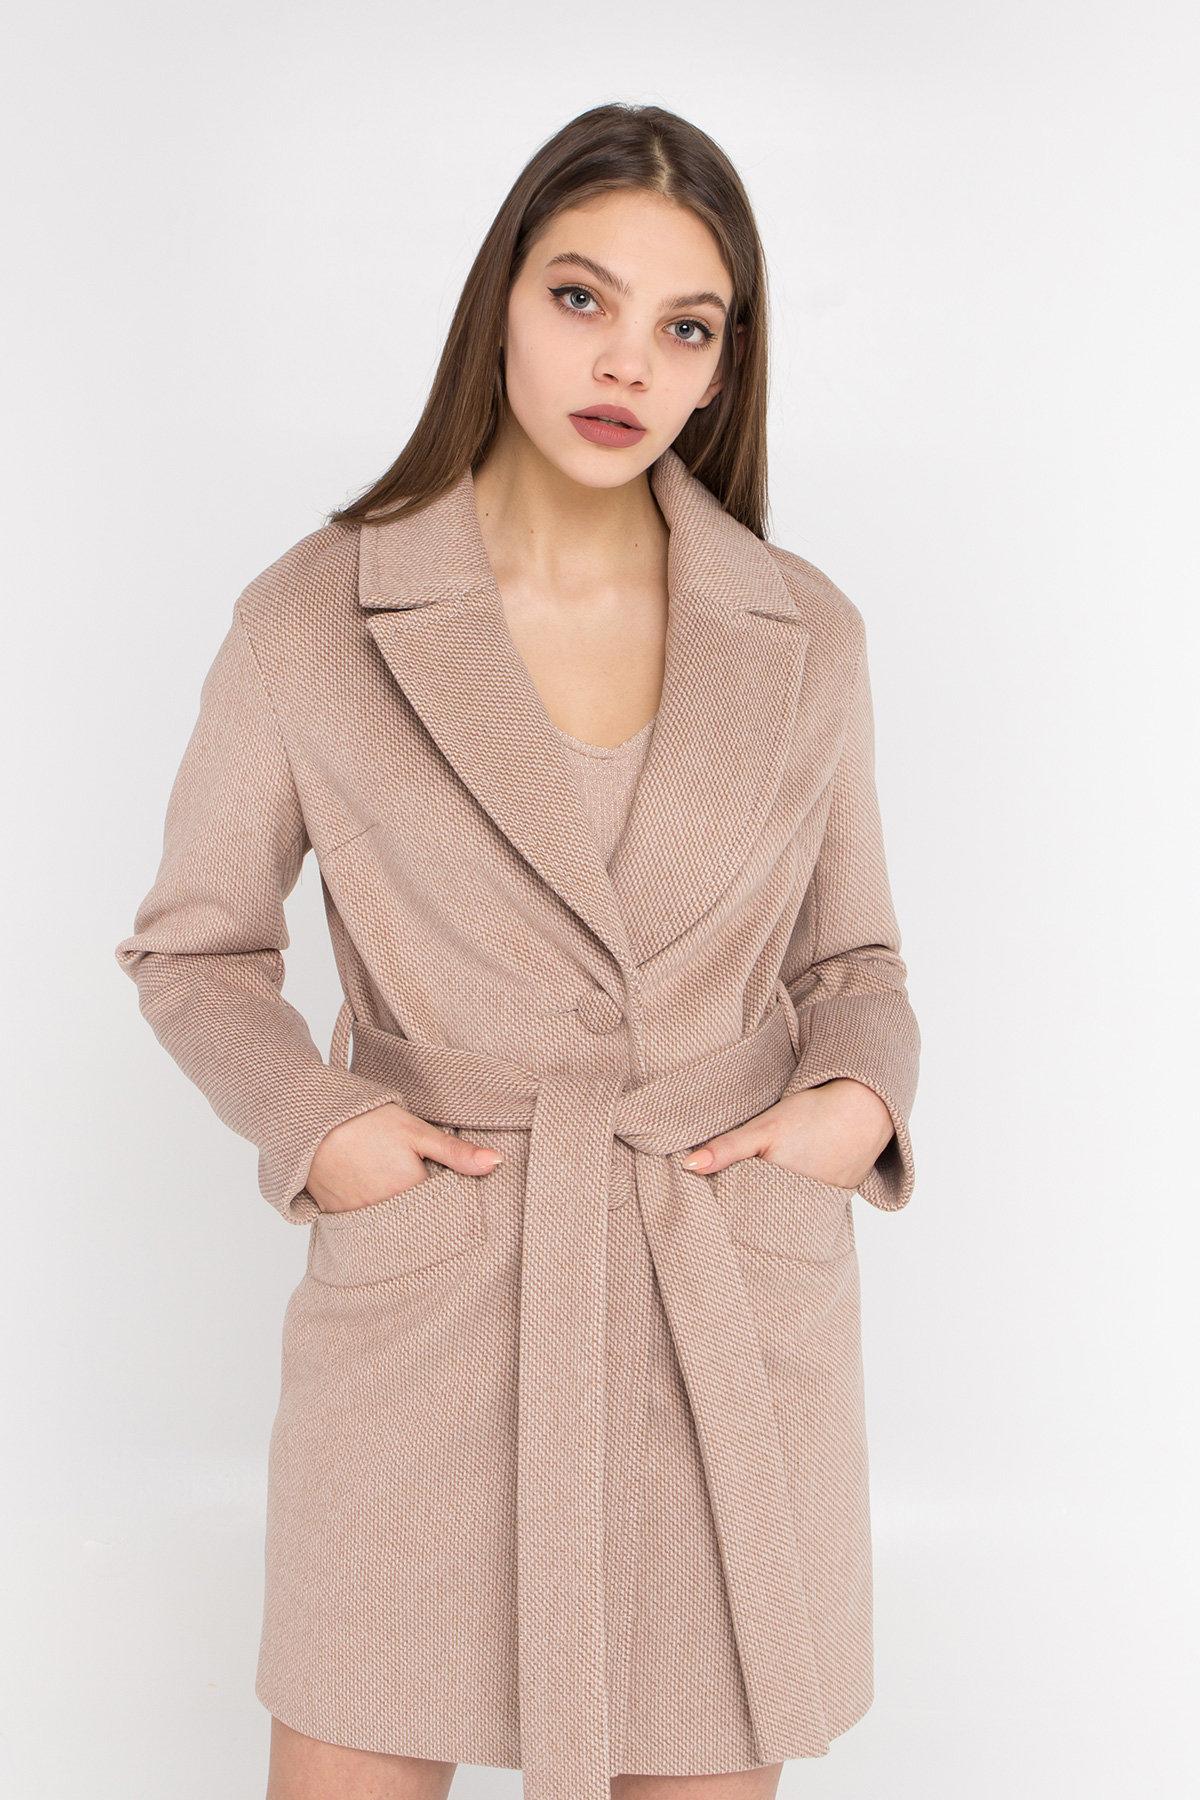 Кашемировое пальто Вейсона 8803 АРТ. 45176 Цвет: Кофе - фото 4, интернет магазин tm-modus.ru